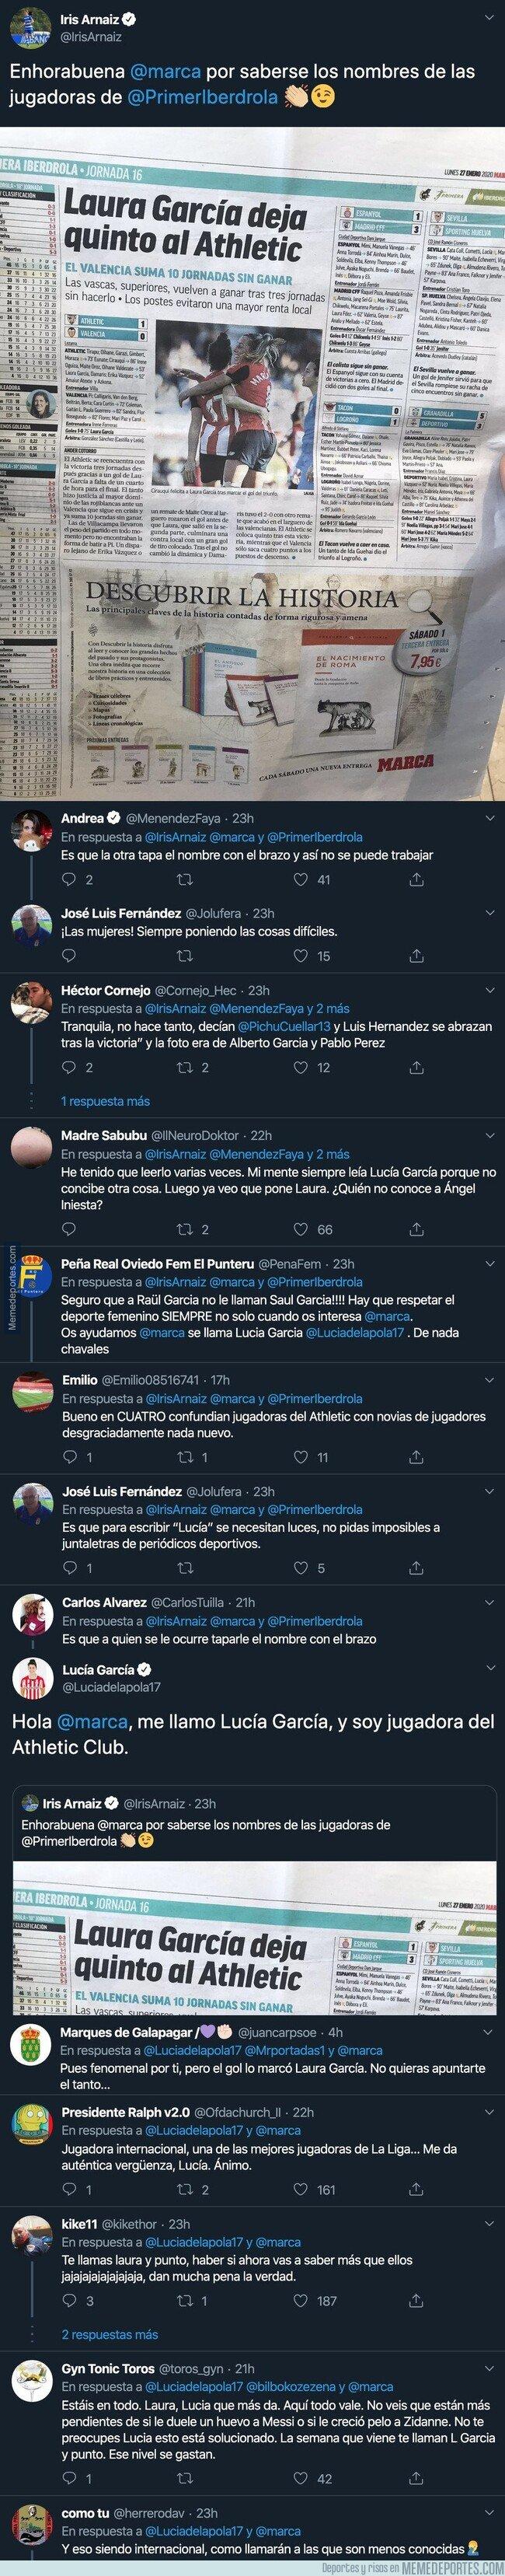 1096955 - Lucía García del Athletic le pega un ZASCA monumental al diario MARCA al escribir una noticia sobre ella y cambiarle el nombre